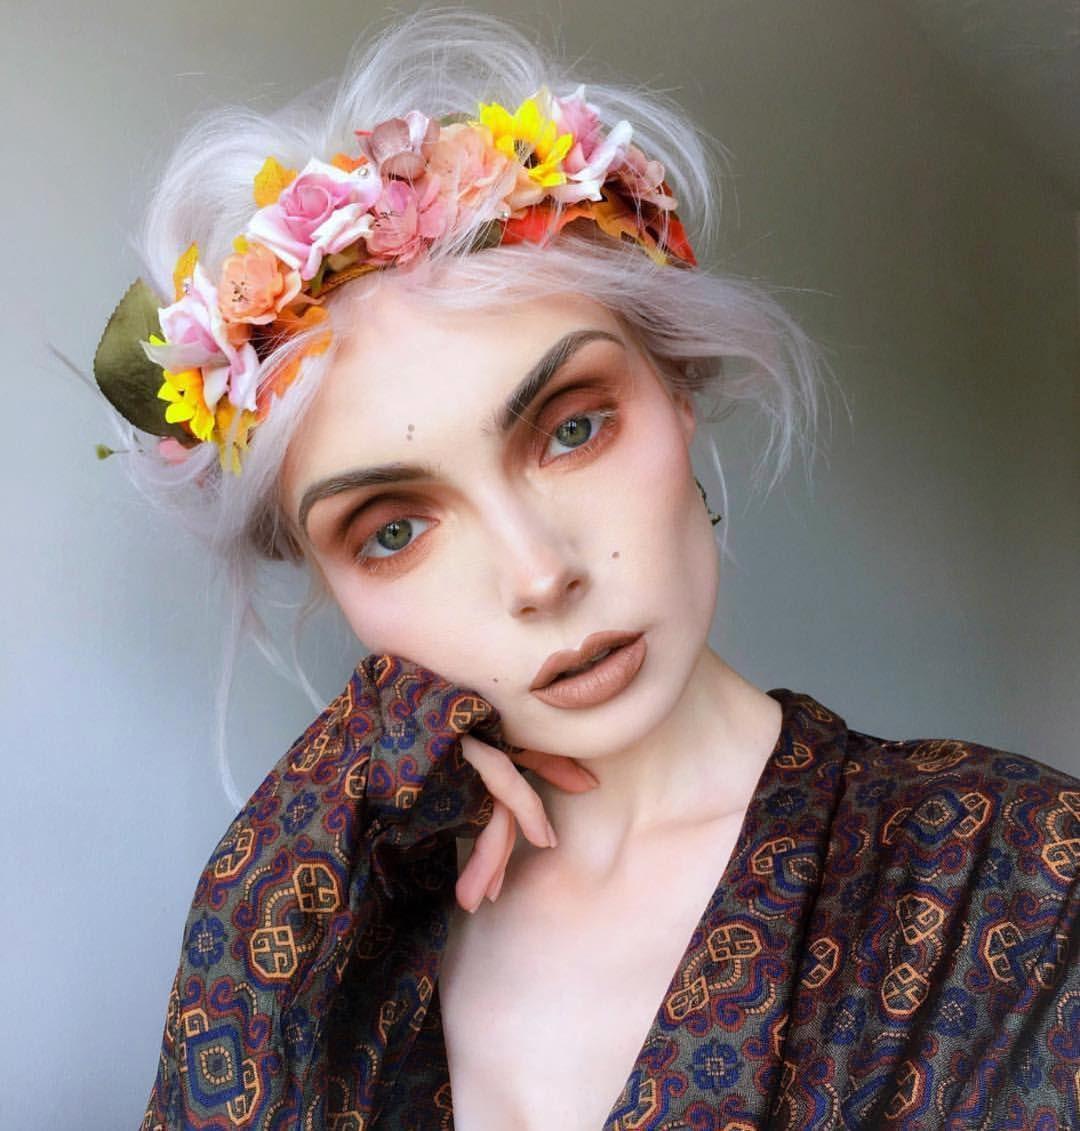 beautsoup feeling her flower power fantasy in sugarpill